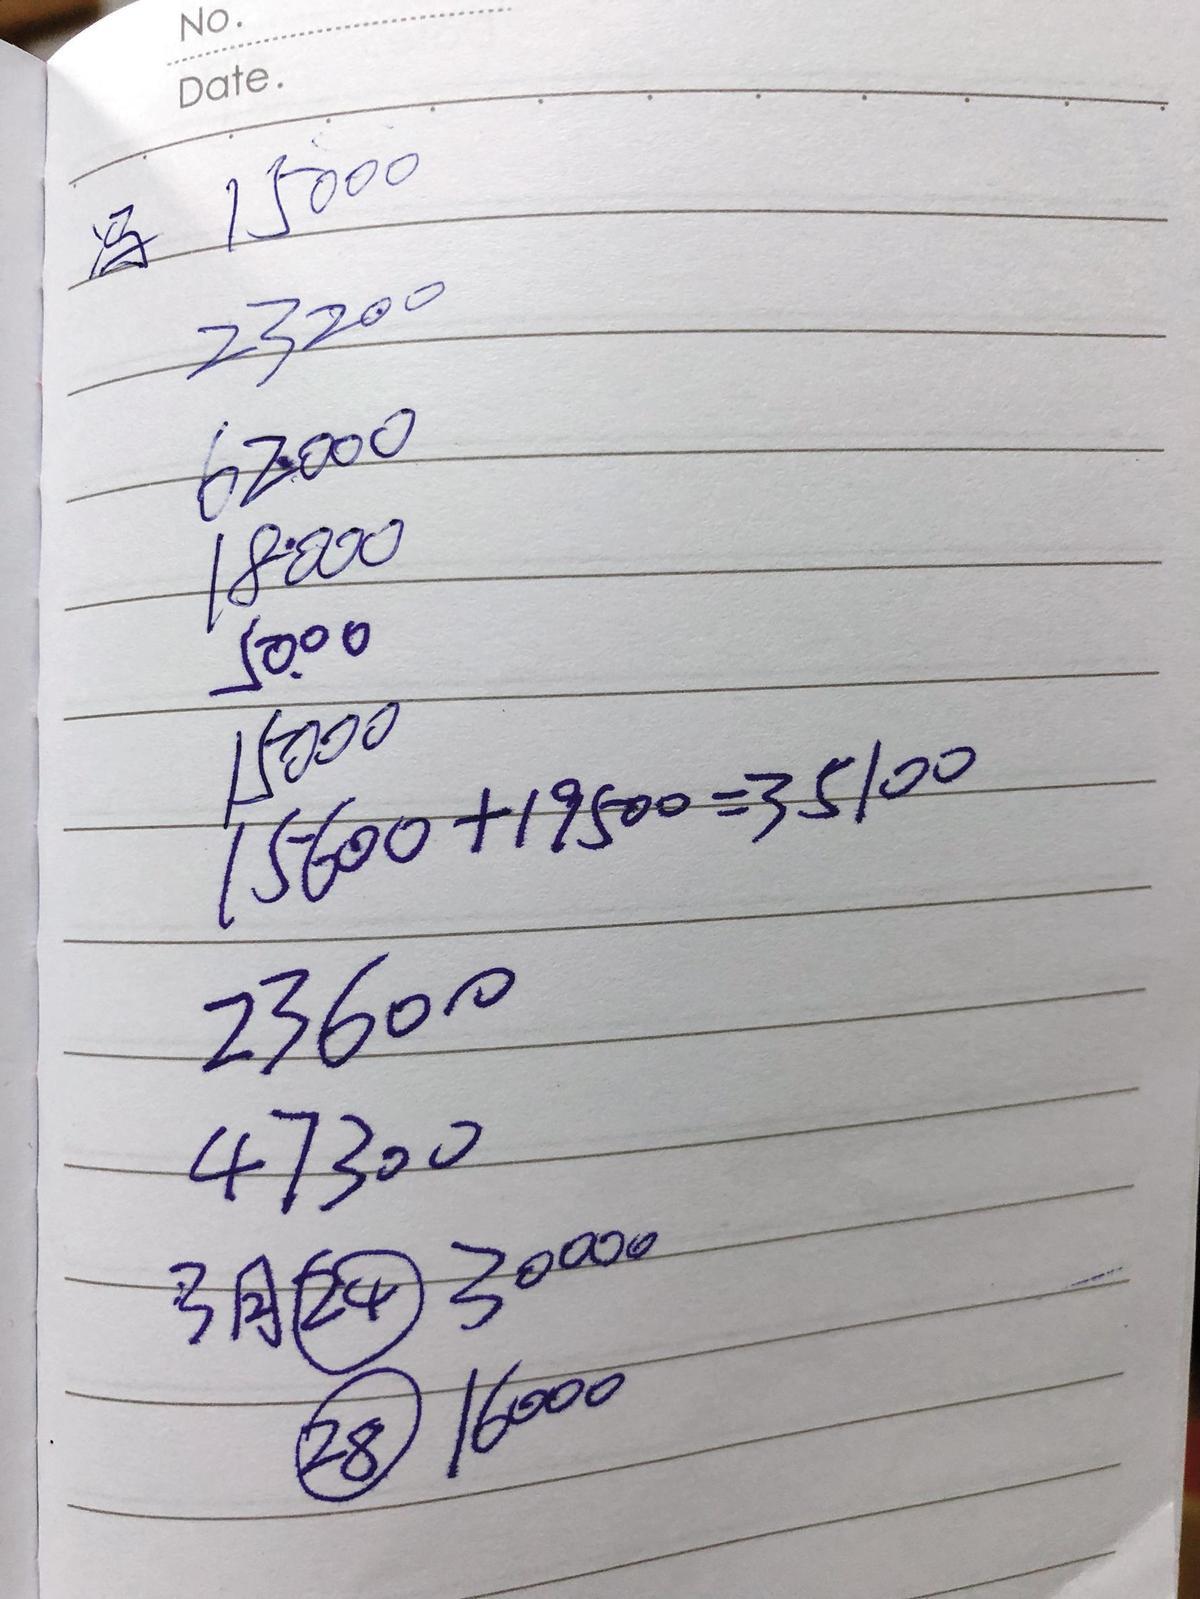 台灣人愛心豐沛,身障乞討者每人每日收入破萬,還有人一天就乞討到六萬多元。